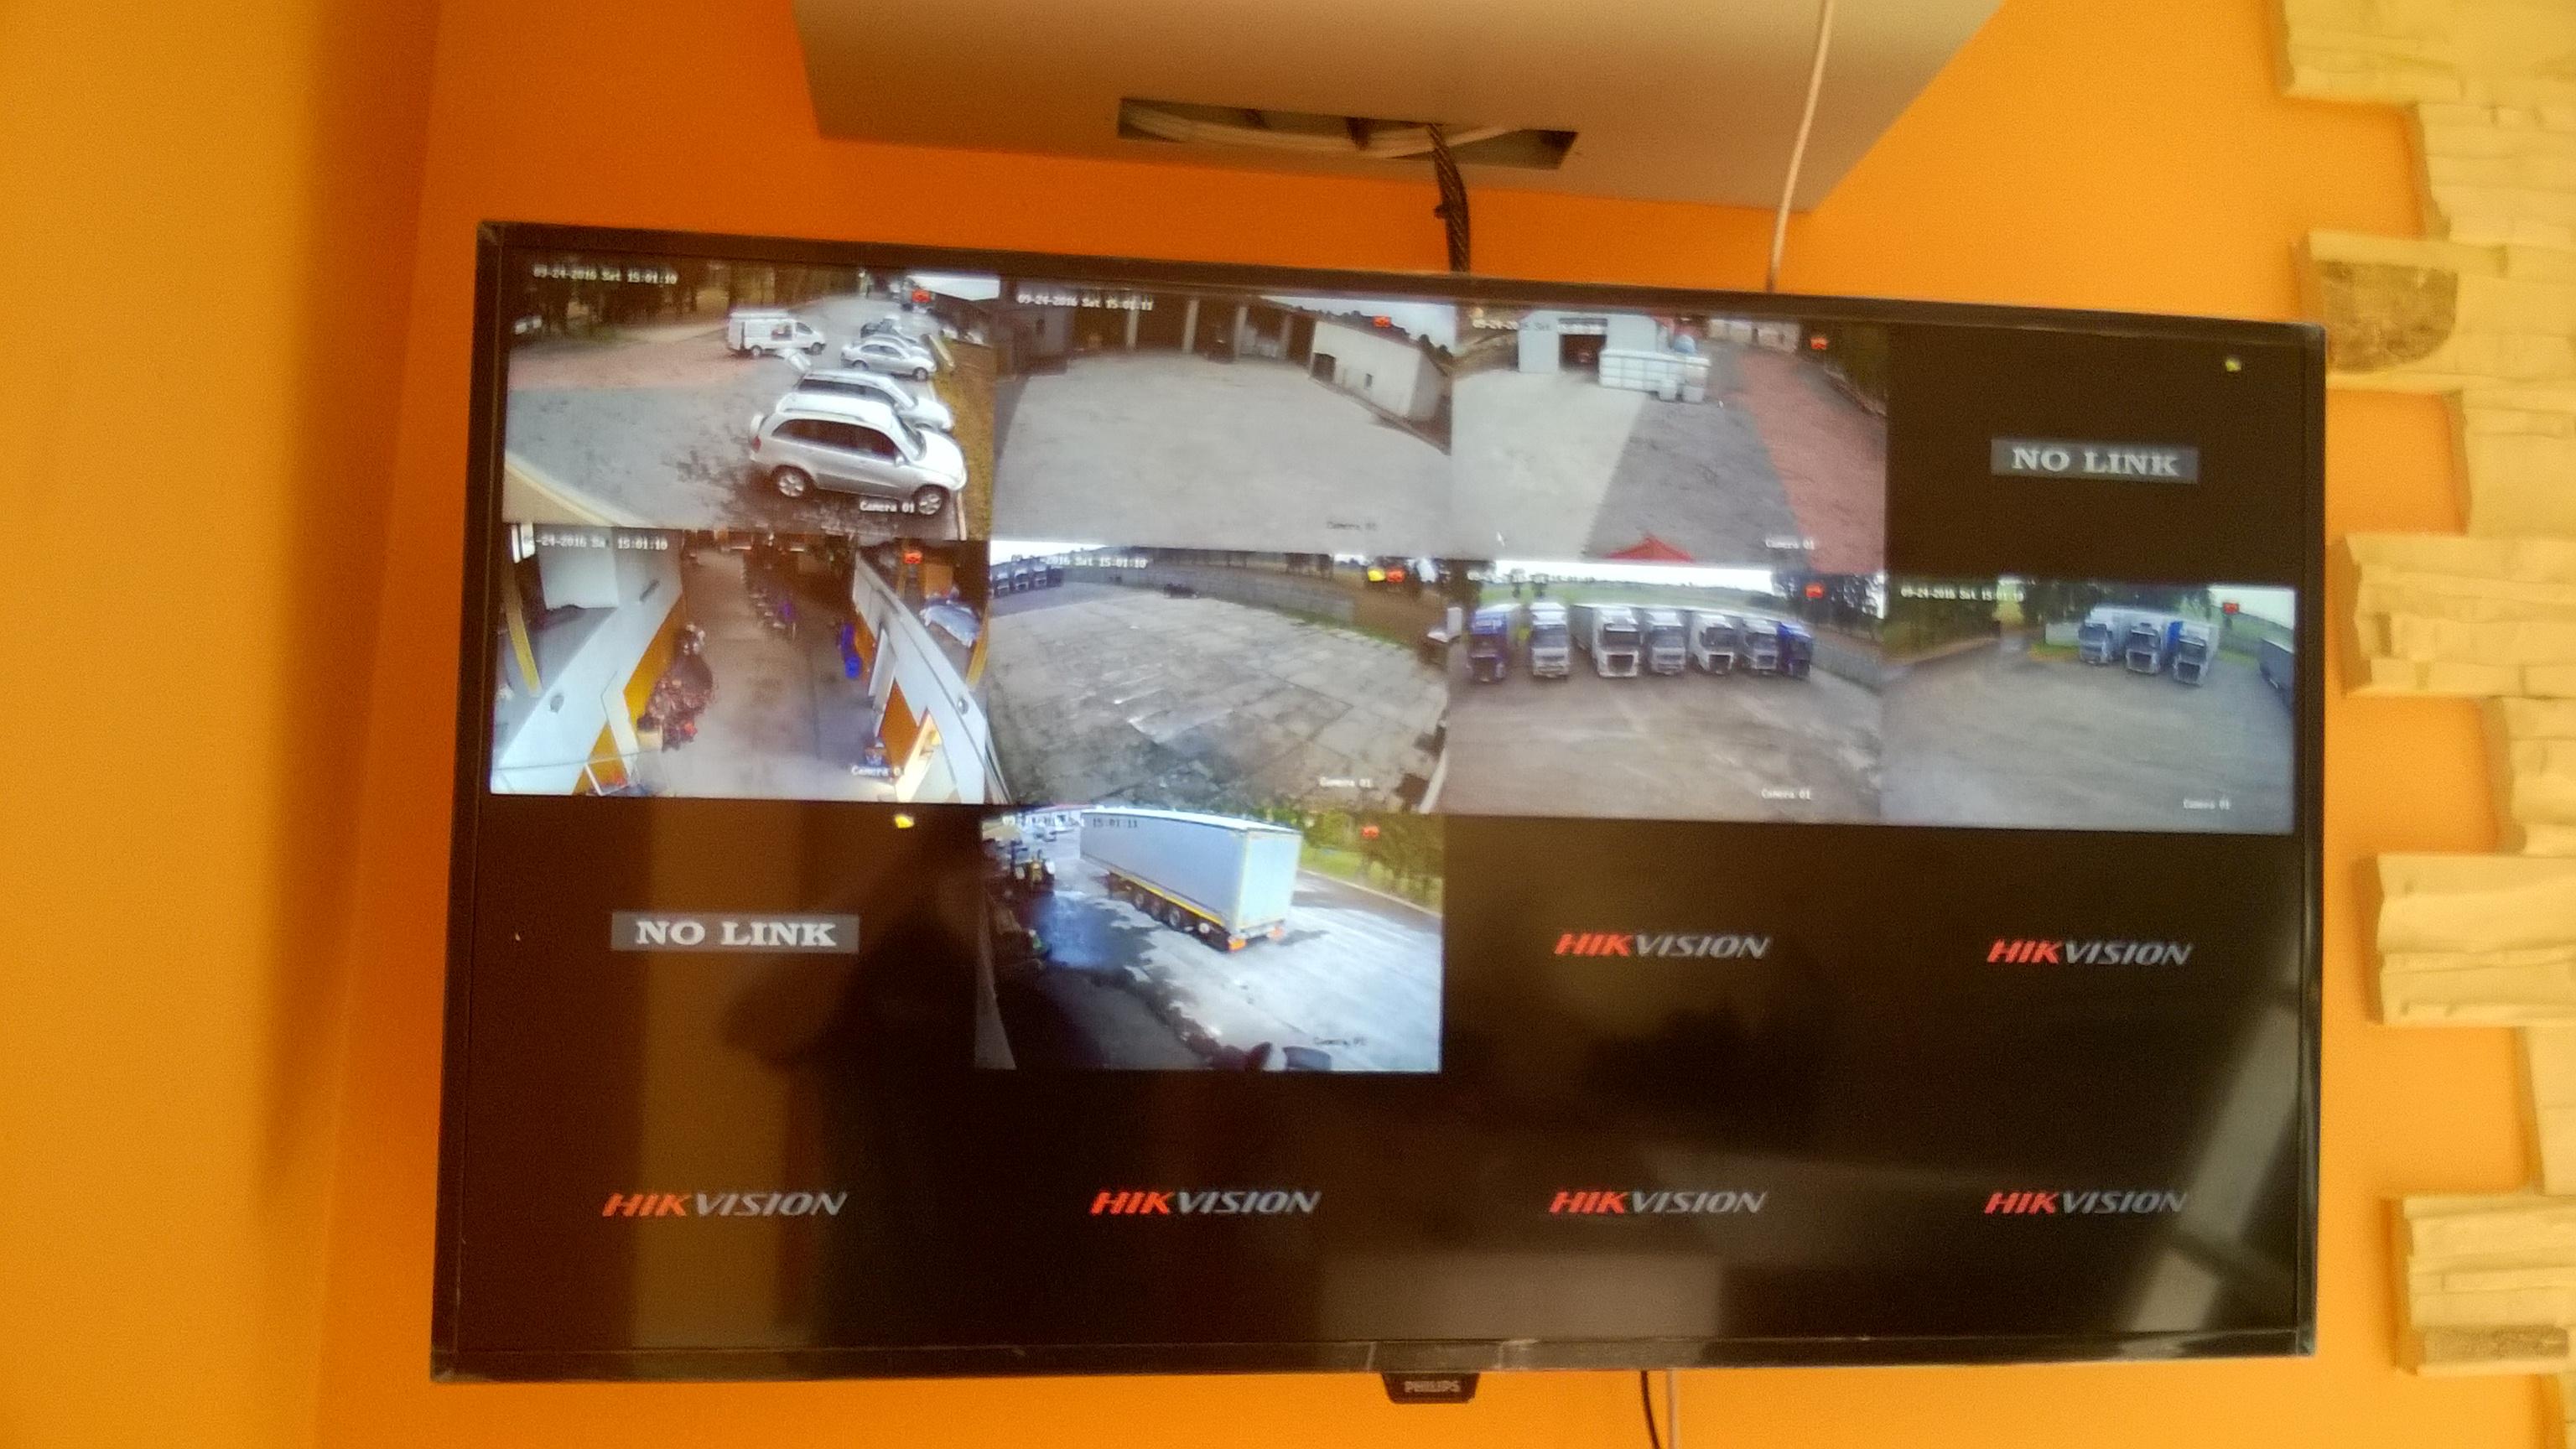 monitoring-bilgoraj-monitoring-zamosc-monitoring-krasnik-monitoring-janow-lubelski-monitoring-gospodarstwa-rolnego-monitoring-chelm-monitoring-lezajsk-22-infomech-monitoring-wizyjny-systemy-zabezpie